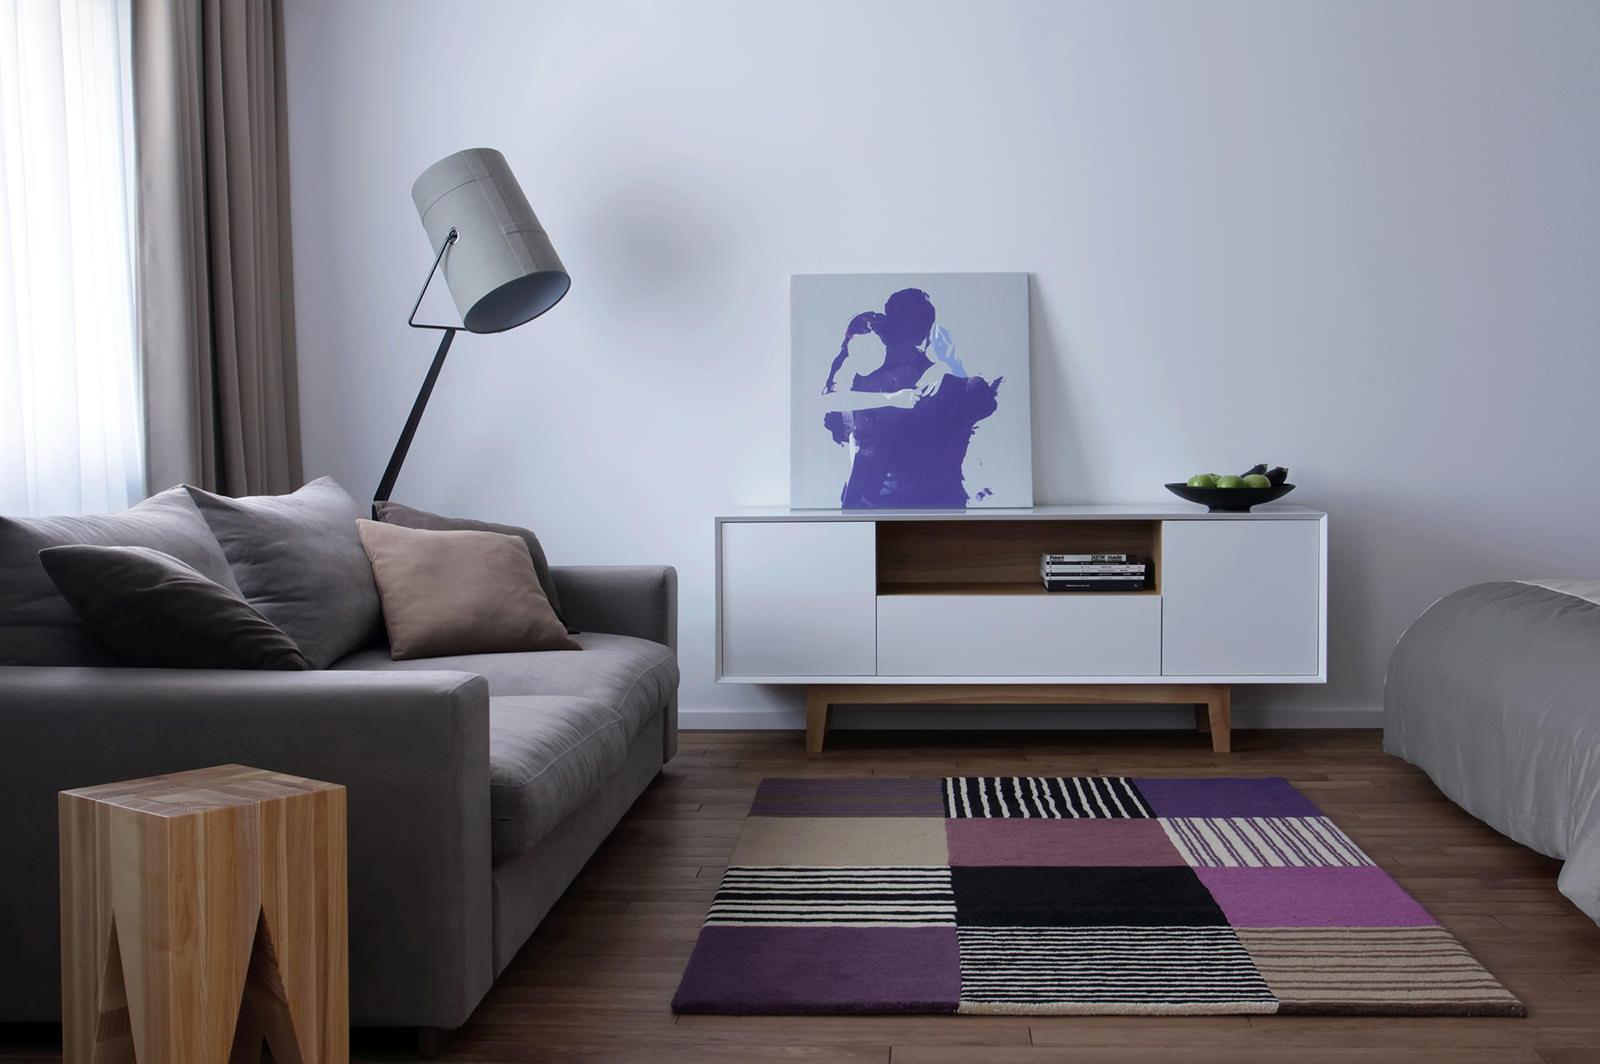 apartament-s-nestandarten-interior-v-skandinavski-stil-1g